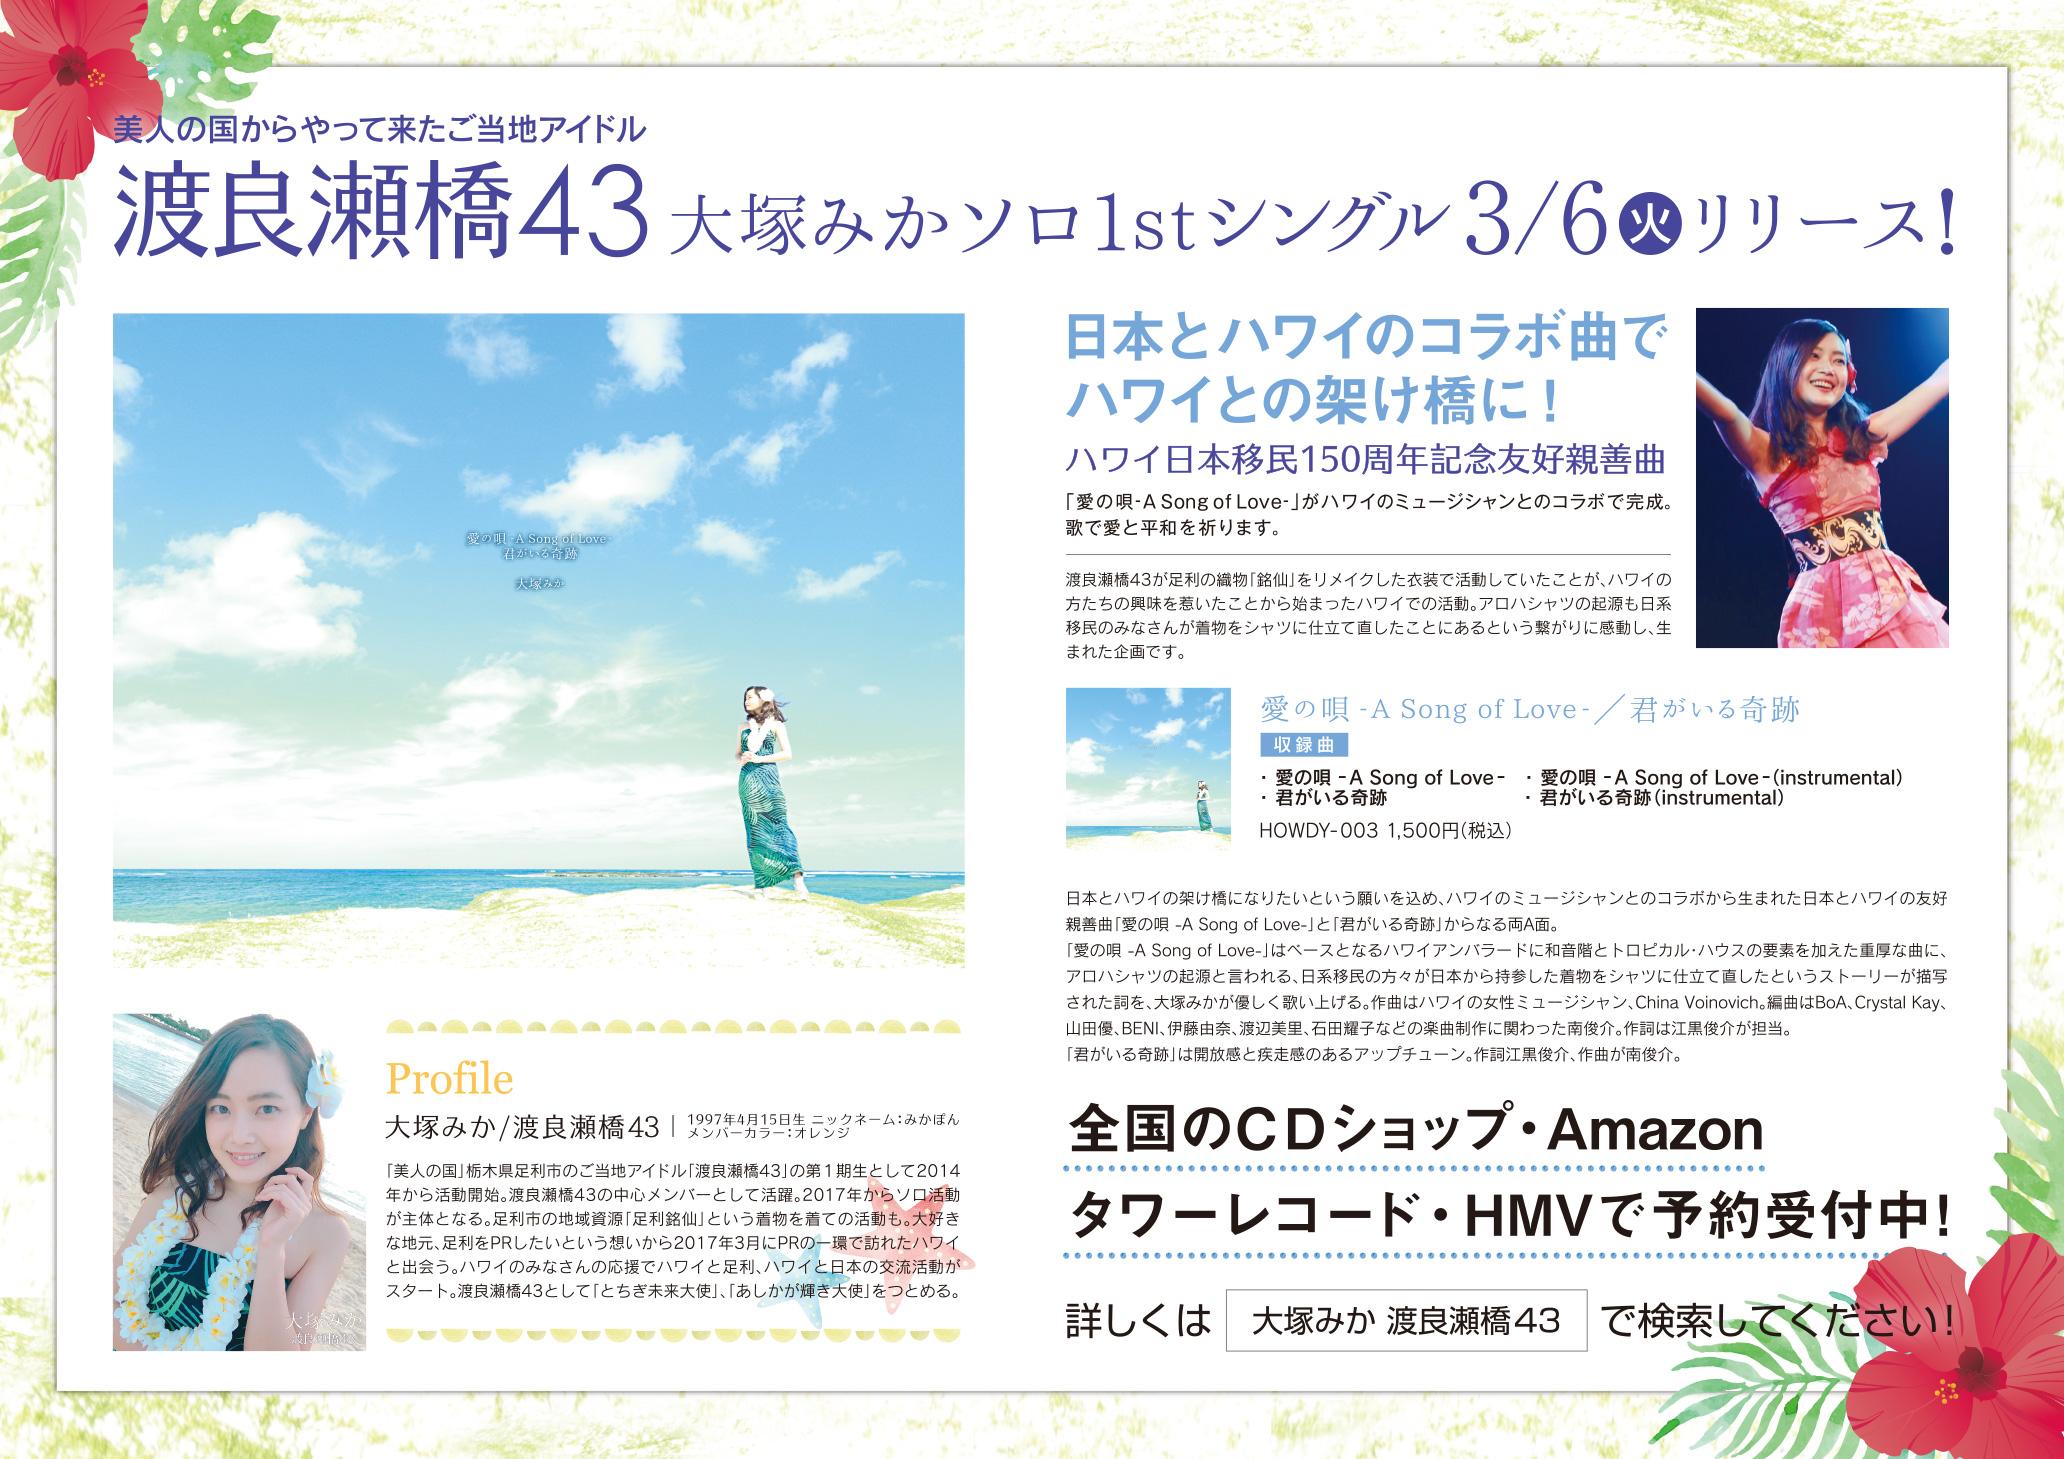 大塚みかソロ1stシングル3/6(火)リリース!ハワイ日本移民150周年記念友好親善曲収録!!